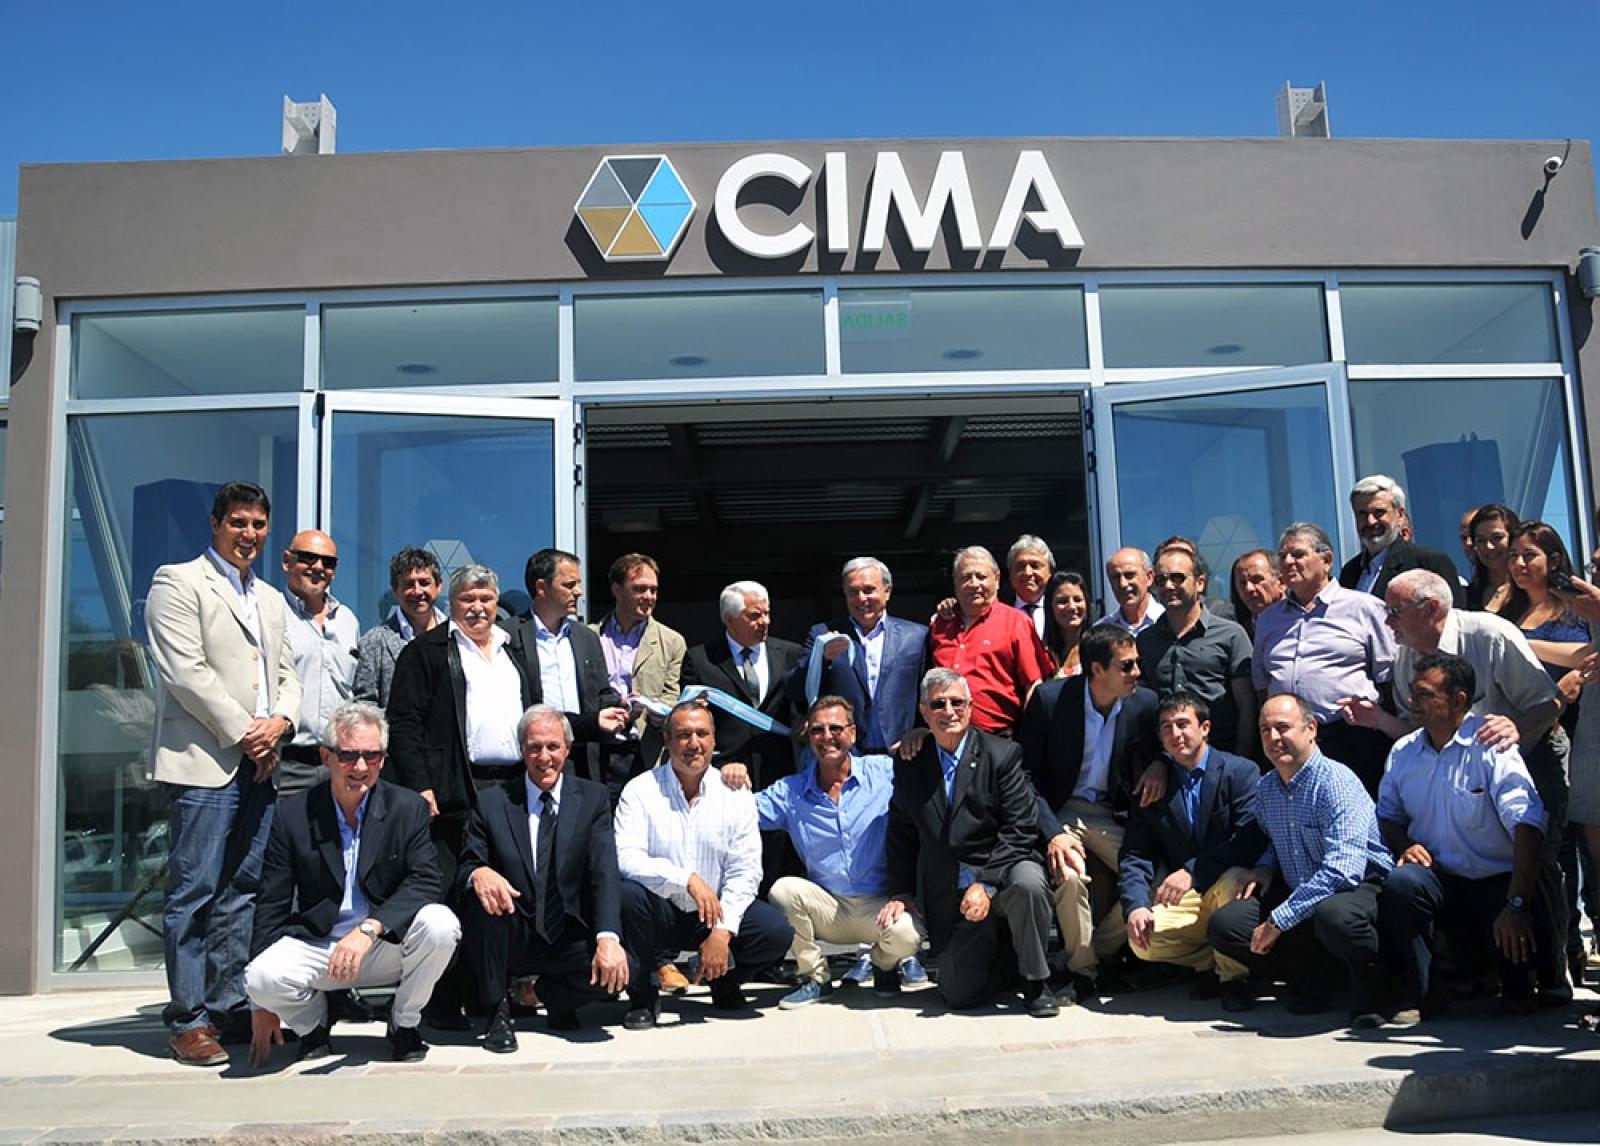 El lunes 19 de diciembre la Cámara Industrial de Puerto Madryn CIMA inauguró la primera etapa de su sede institucional ubicada en Avenida Juan XXIII norte 1970, dentro del predio asignado a lo que será el Parque Tecnológico de Puerto Madryn.